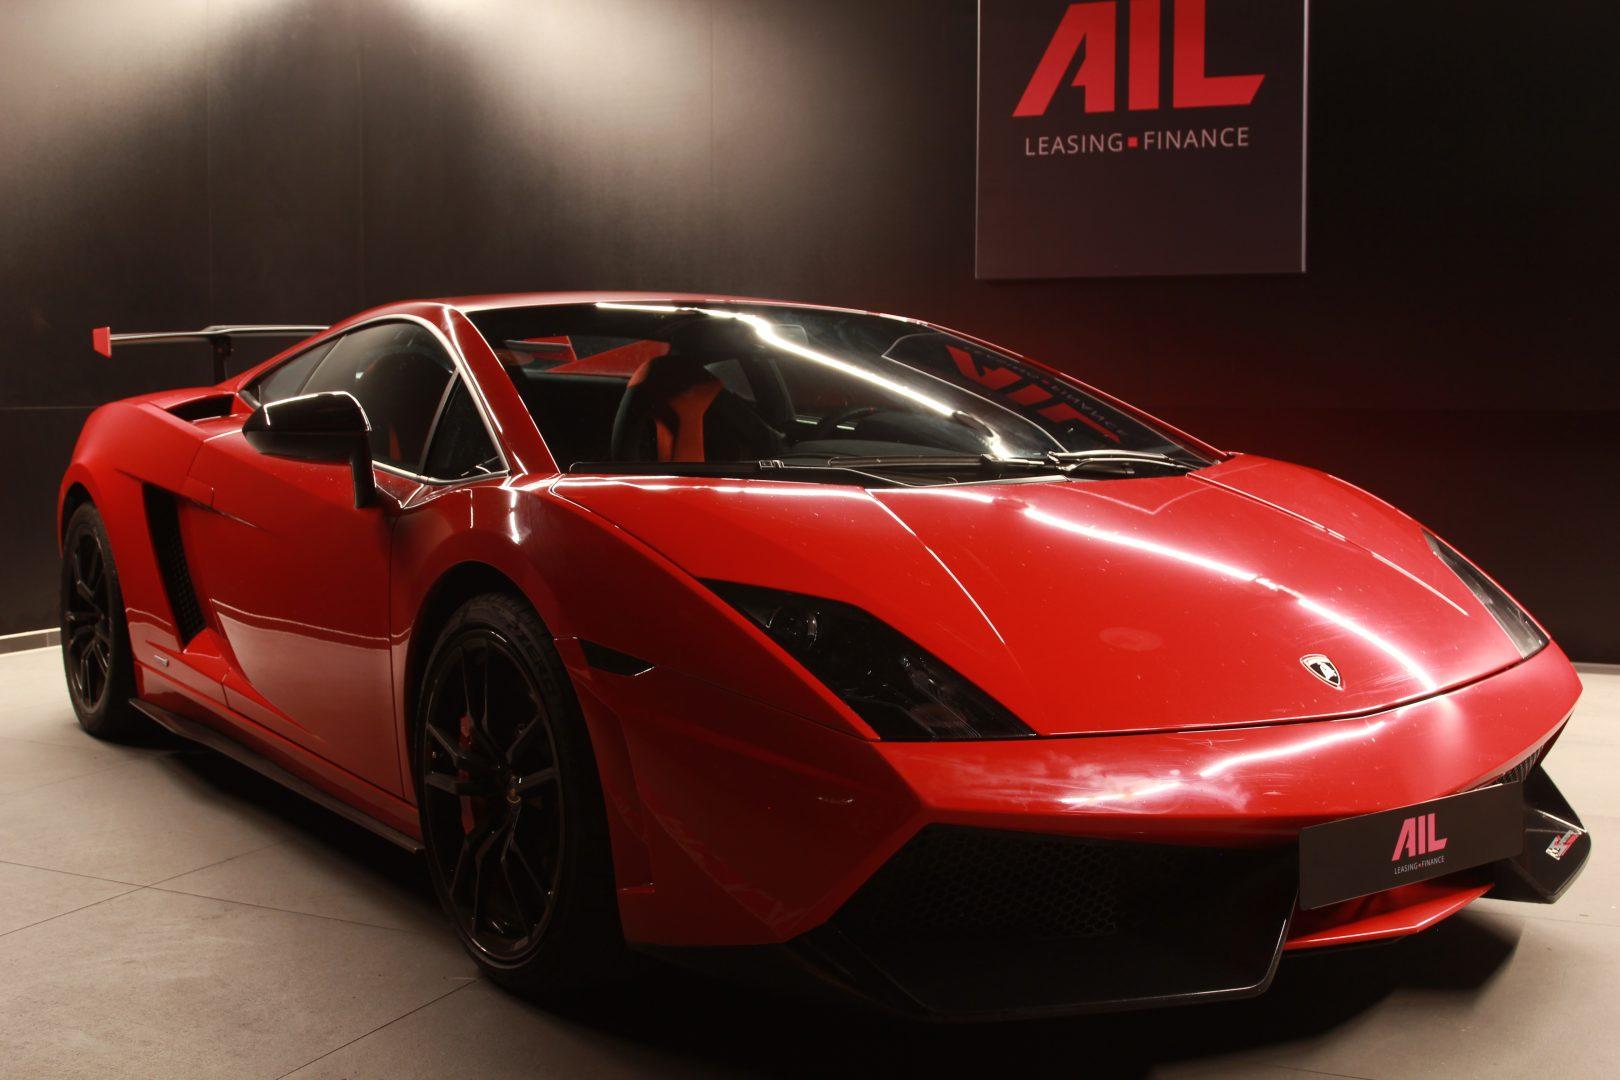 AIL Lamborghini Gallardo LP570-4 Super Trofeo 3